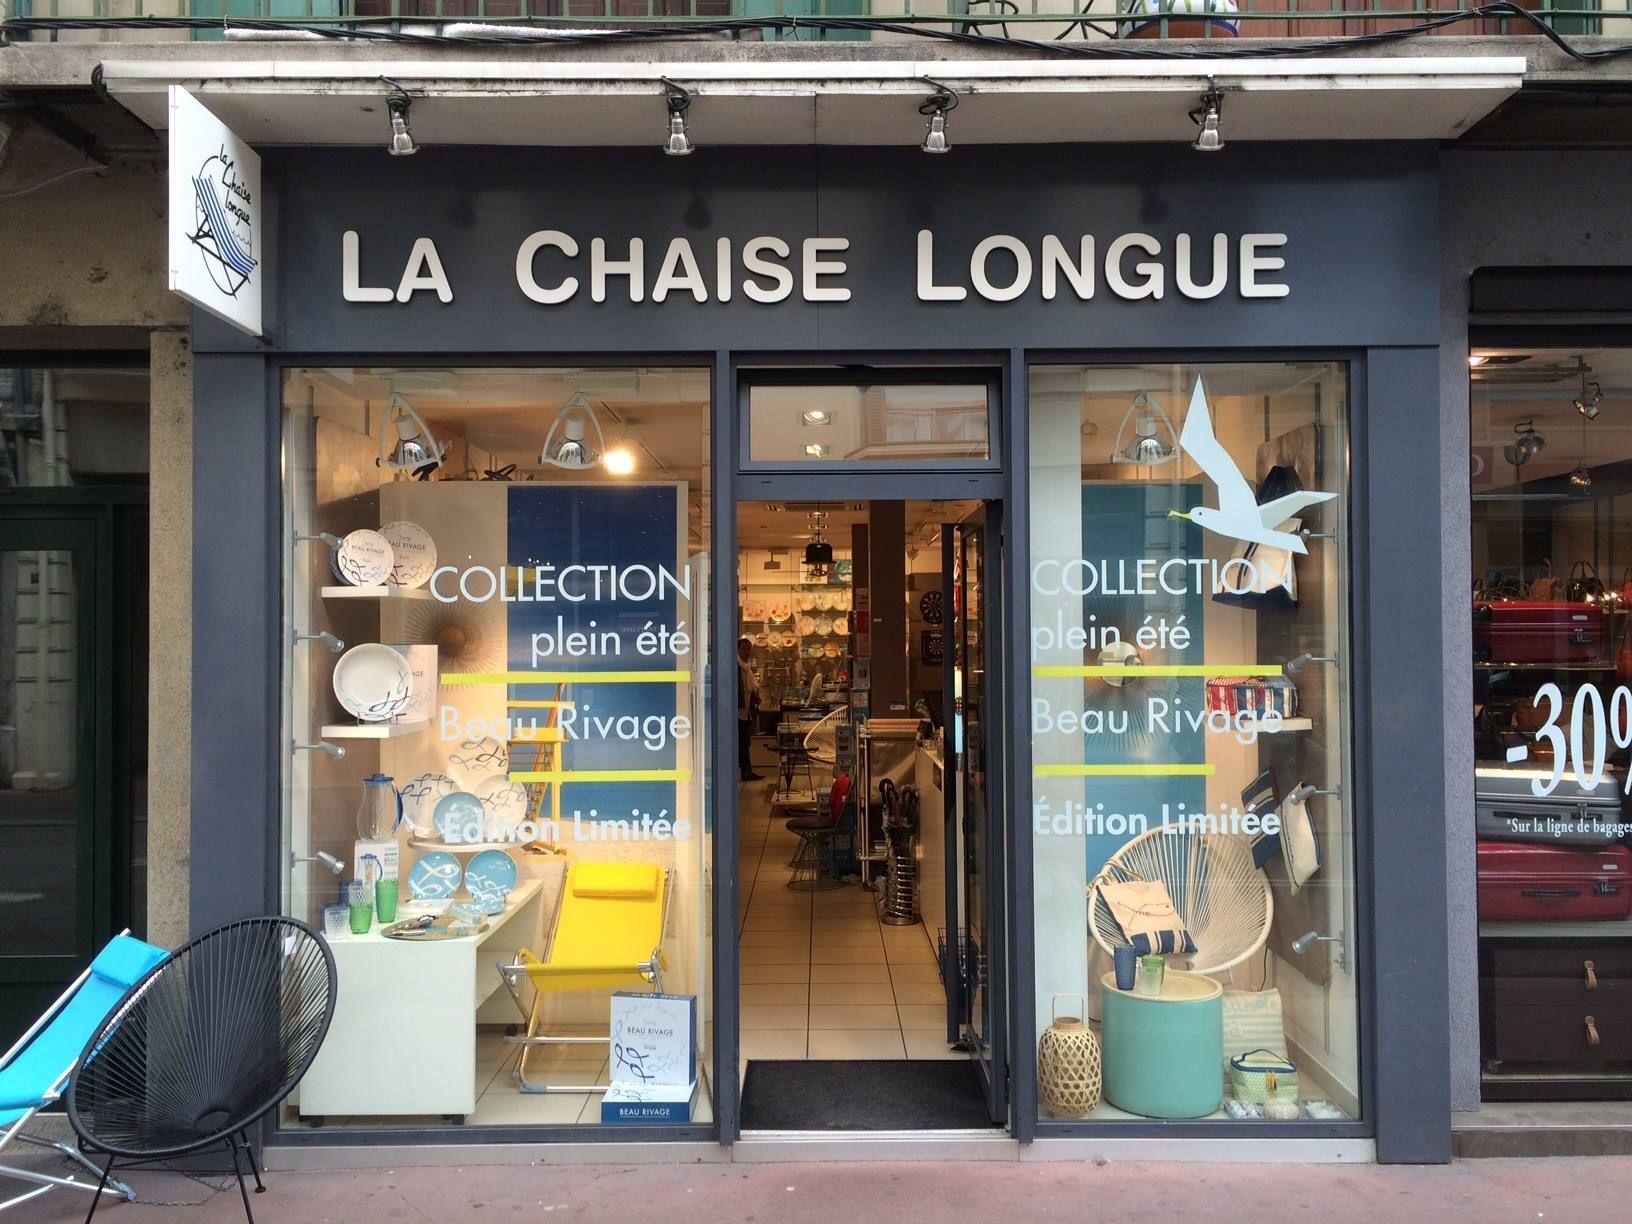 Boutique la chaise longue annecy beau rivage vitrines pinterest - La chaise longue boutique ...